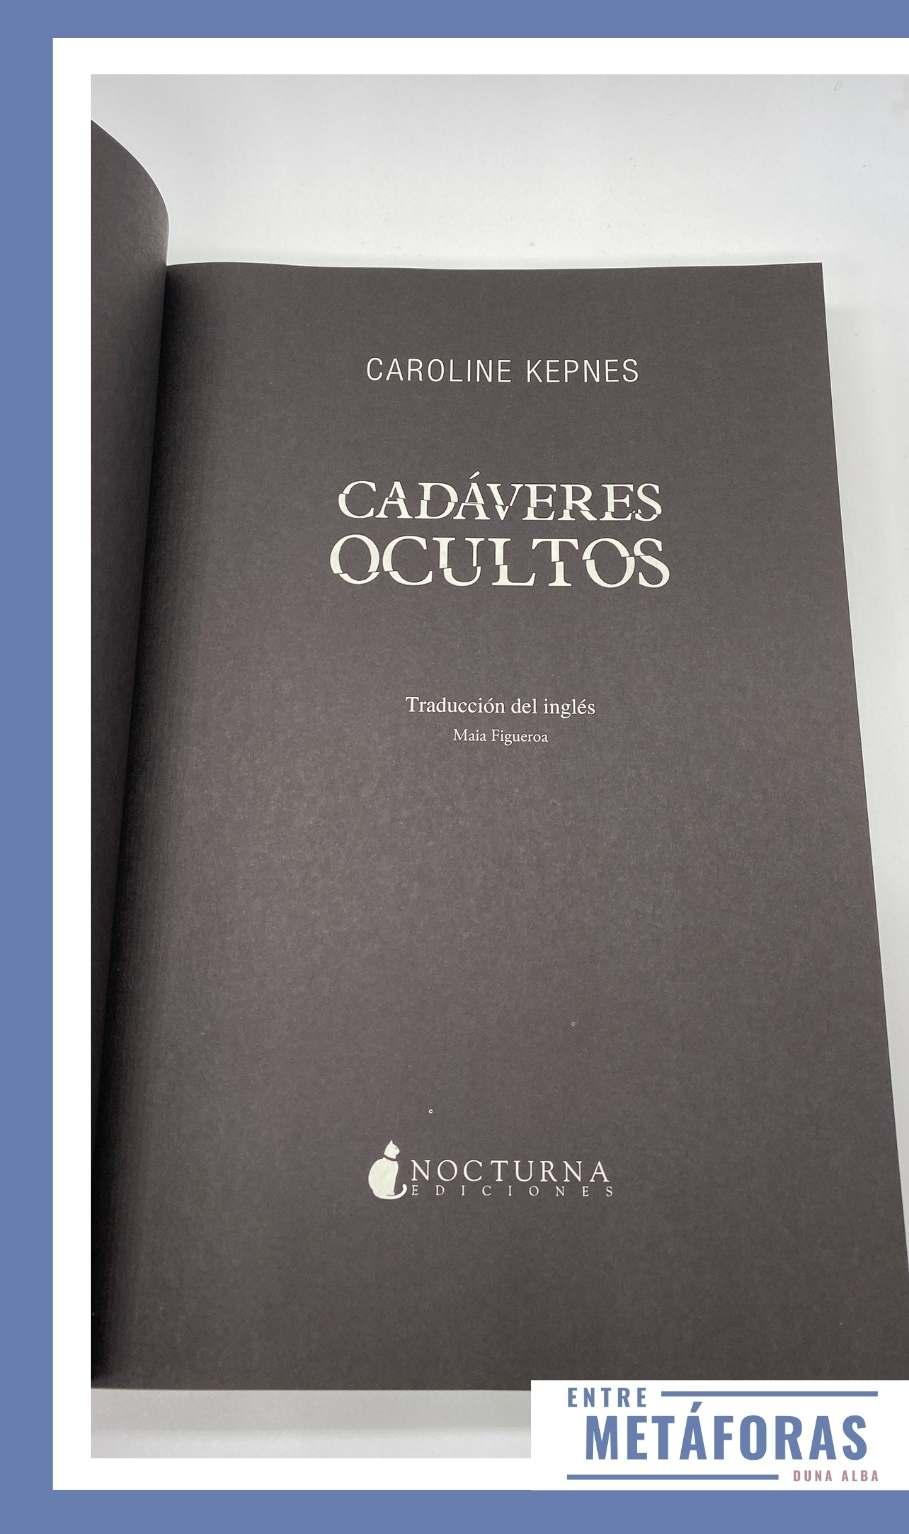 Cadáveres ocultos, de Caroline Kepnes